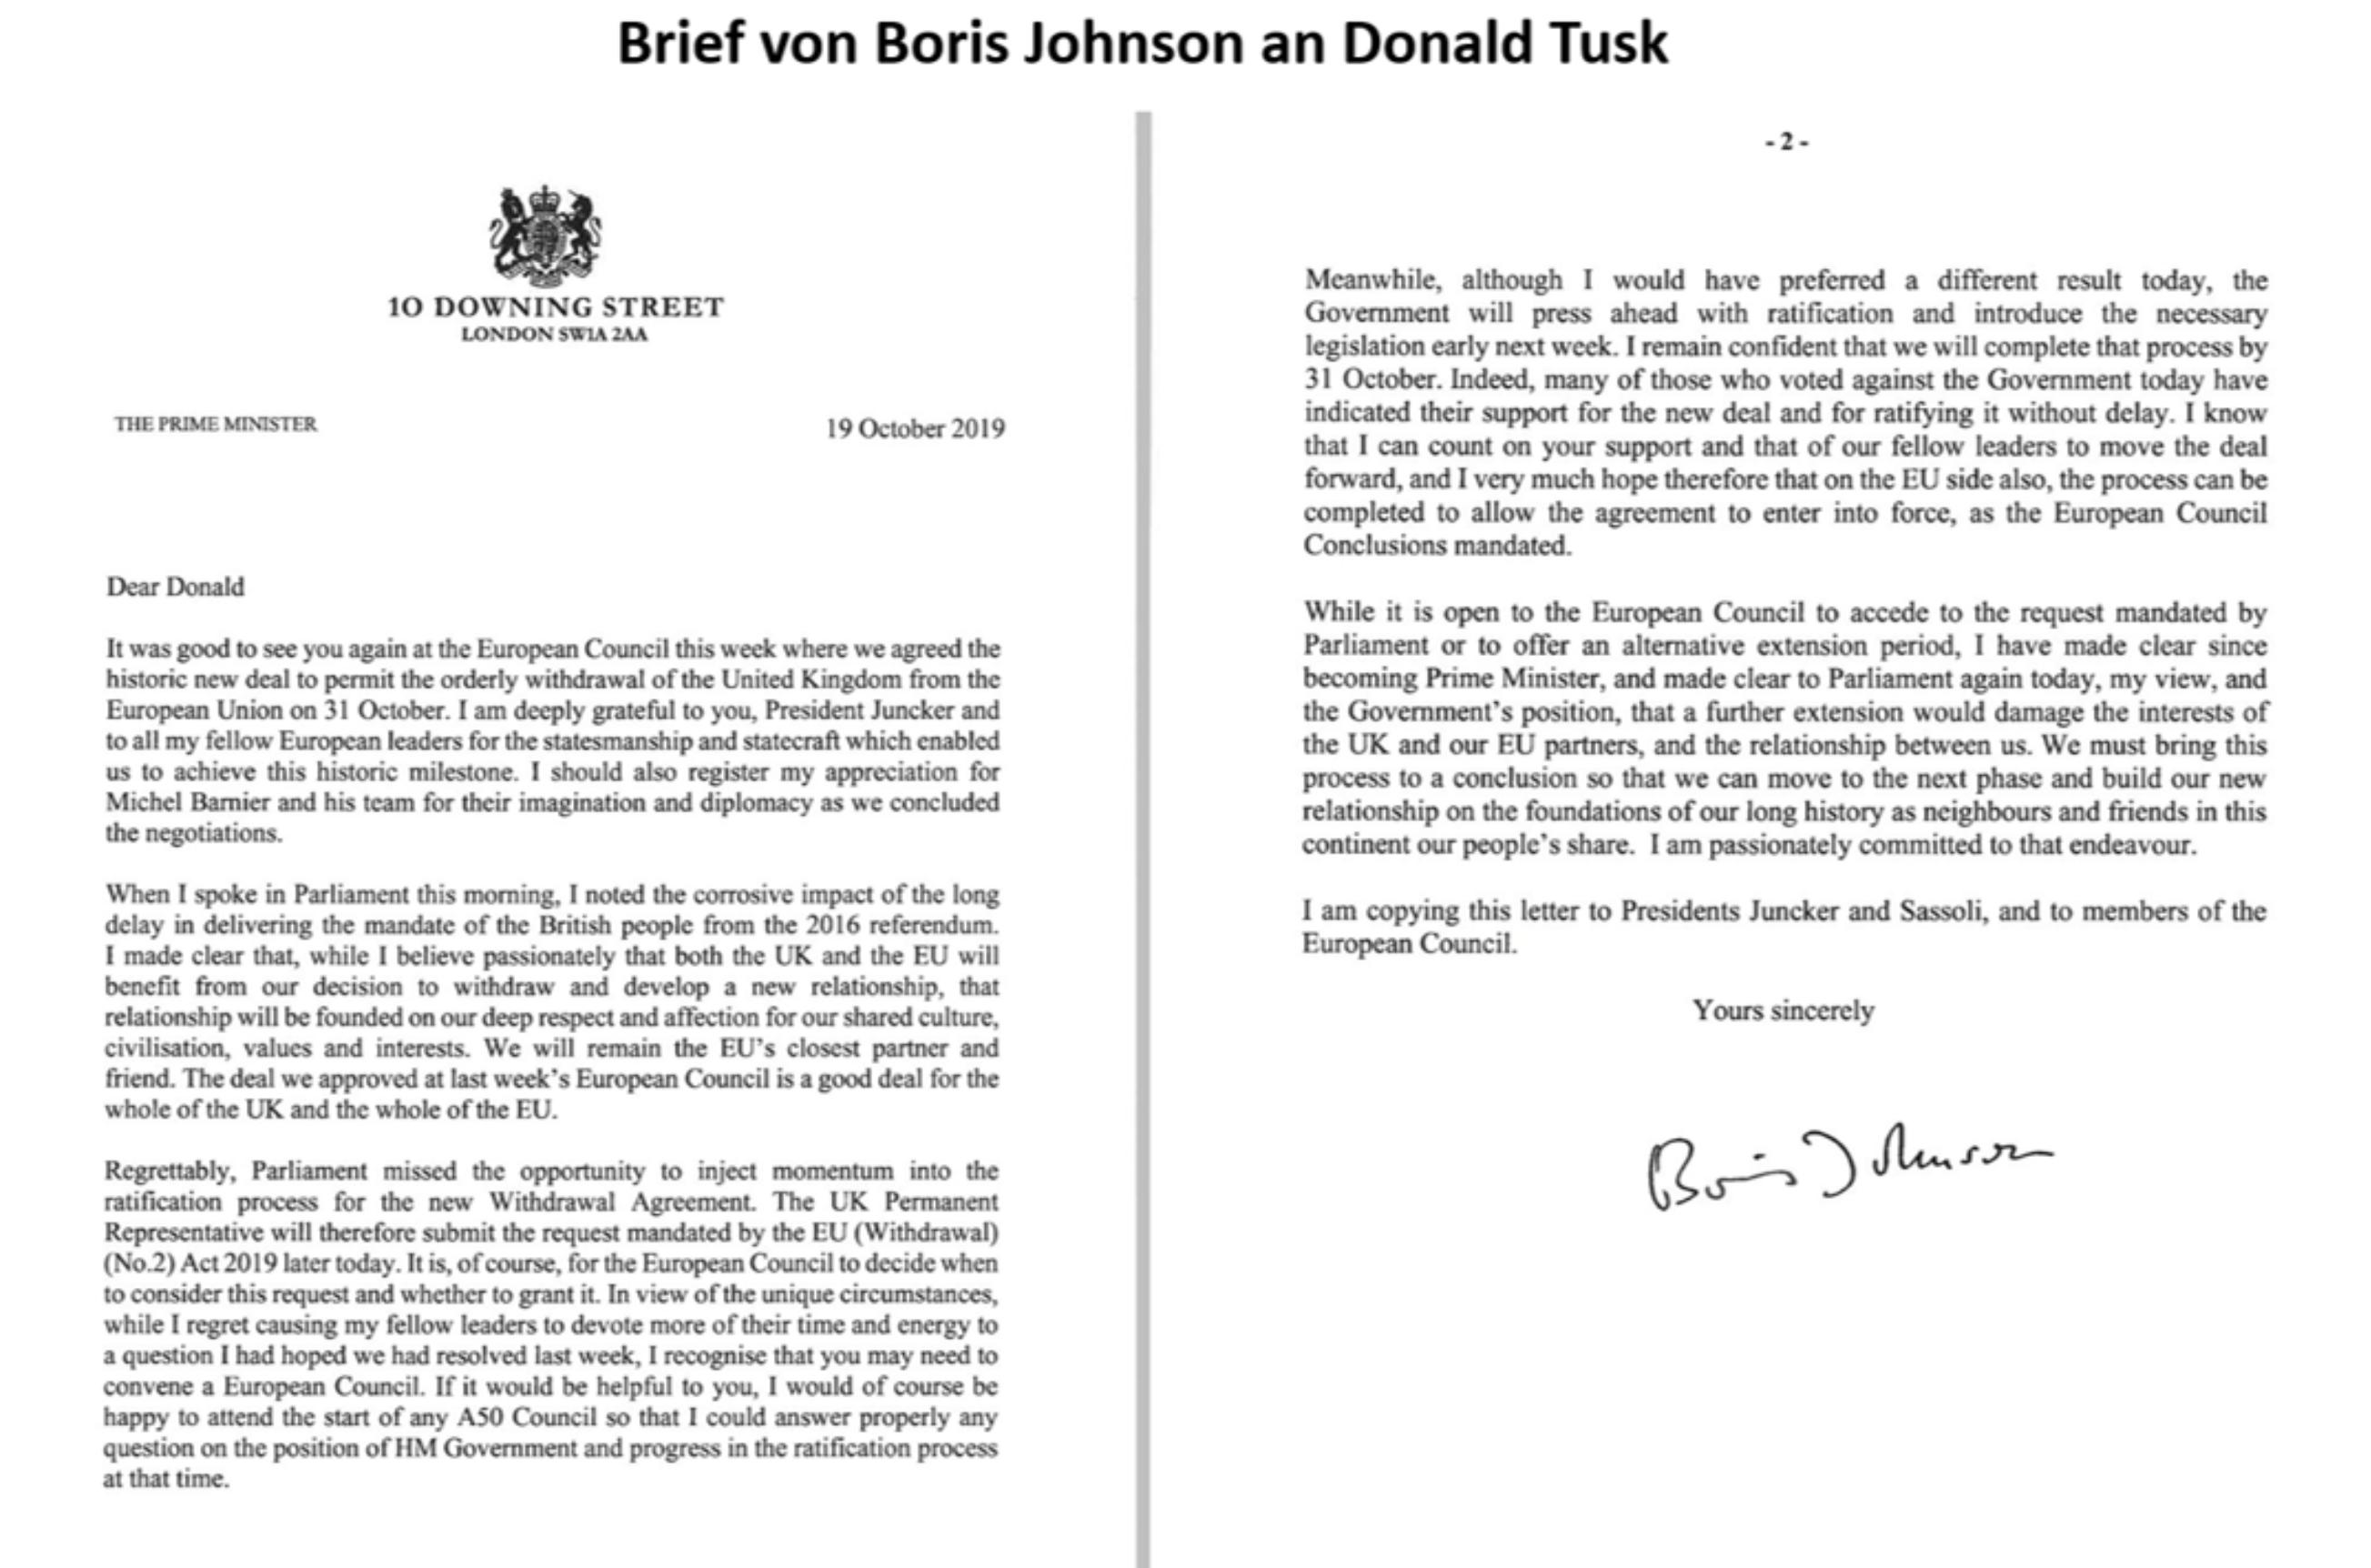 Aktueller Brief von Boris Johnson an Donald Tusk zum Brexit